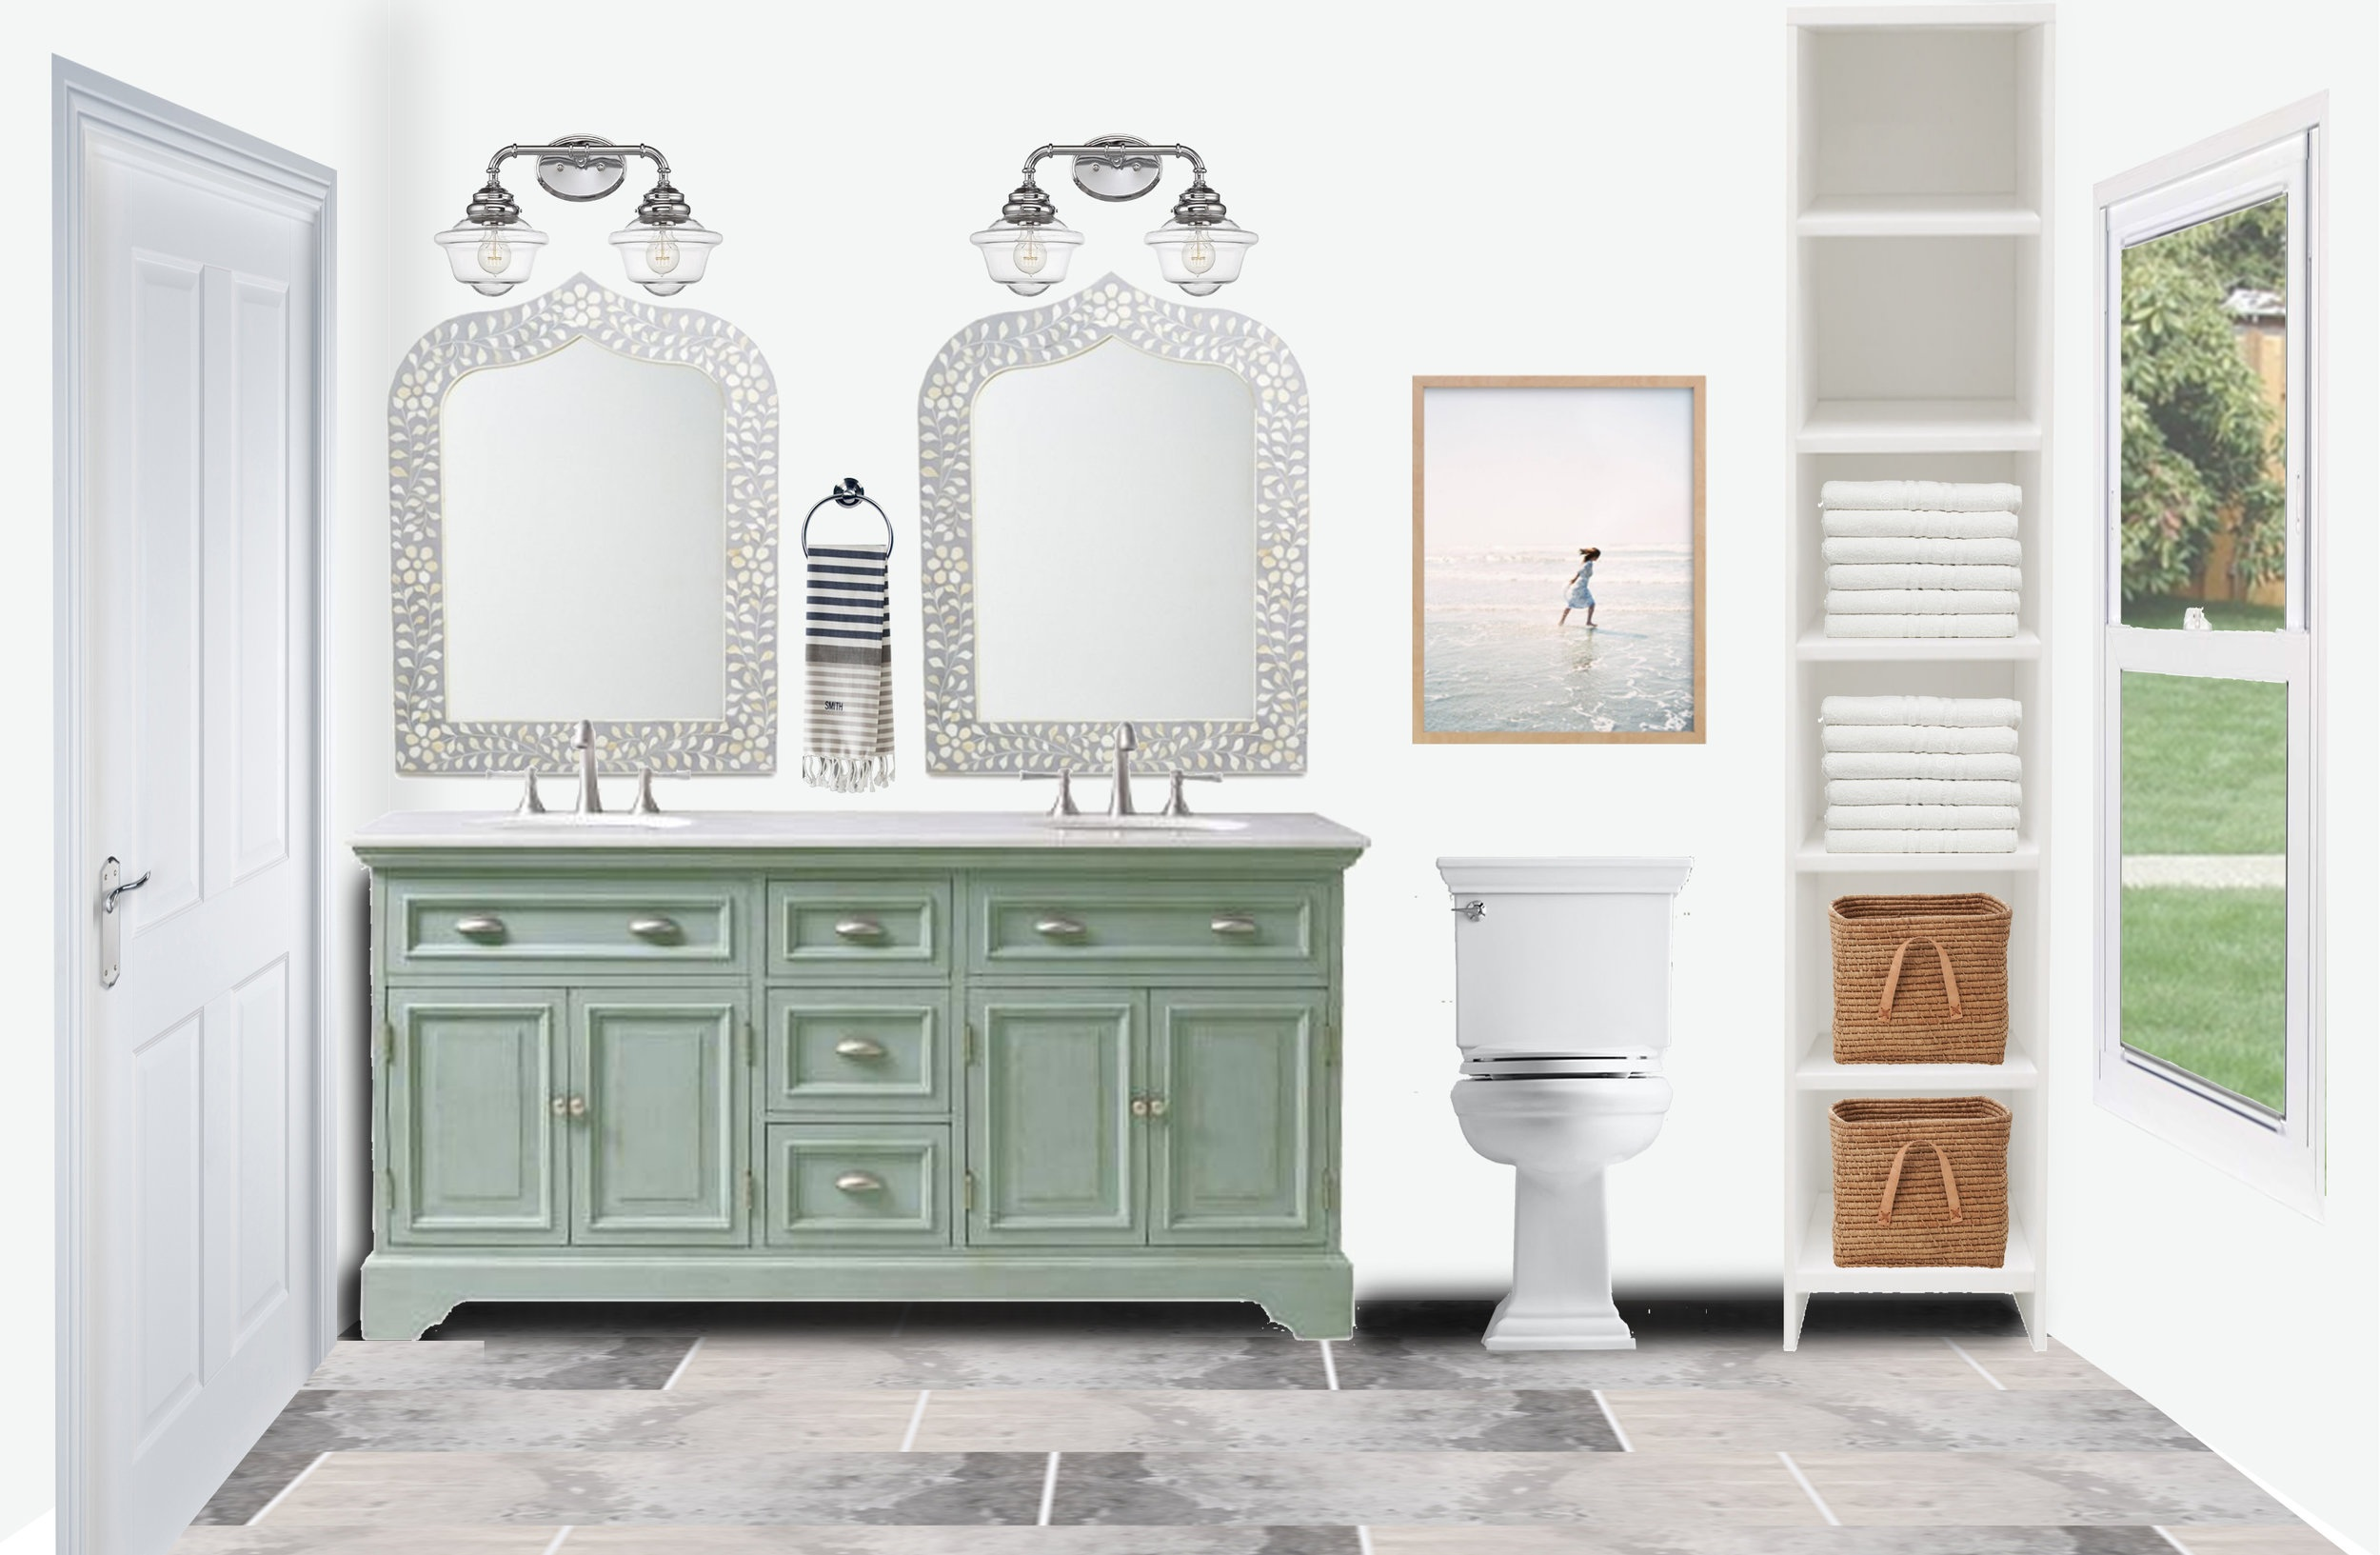 Brown+Bathroom+Rendering.jpg